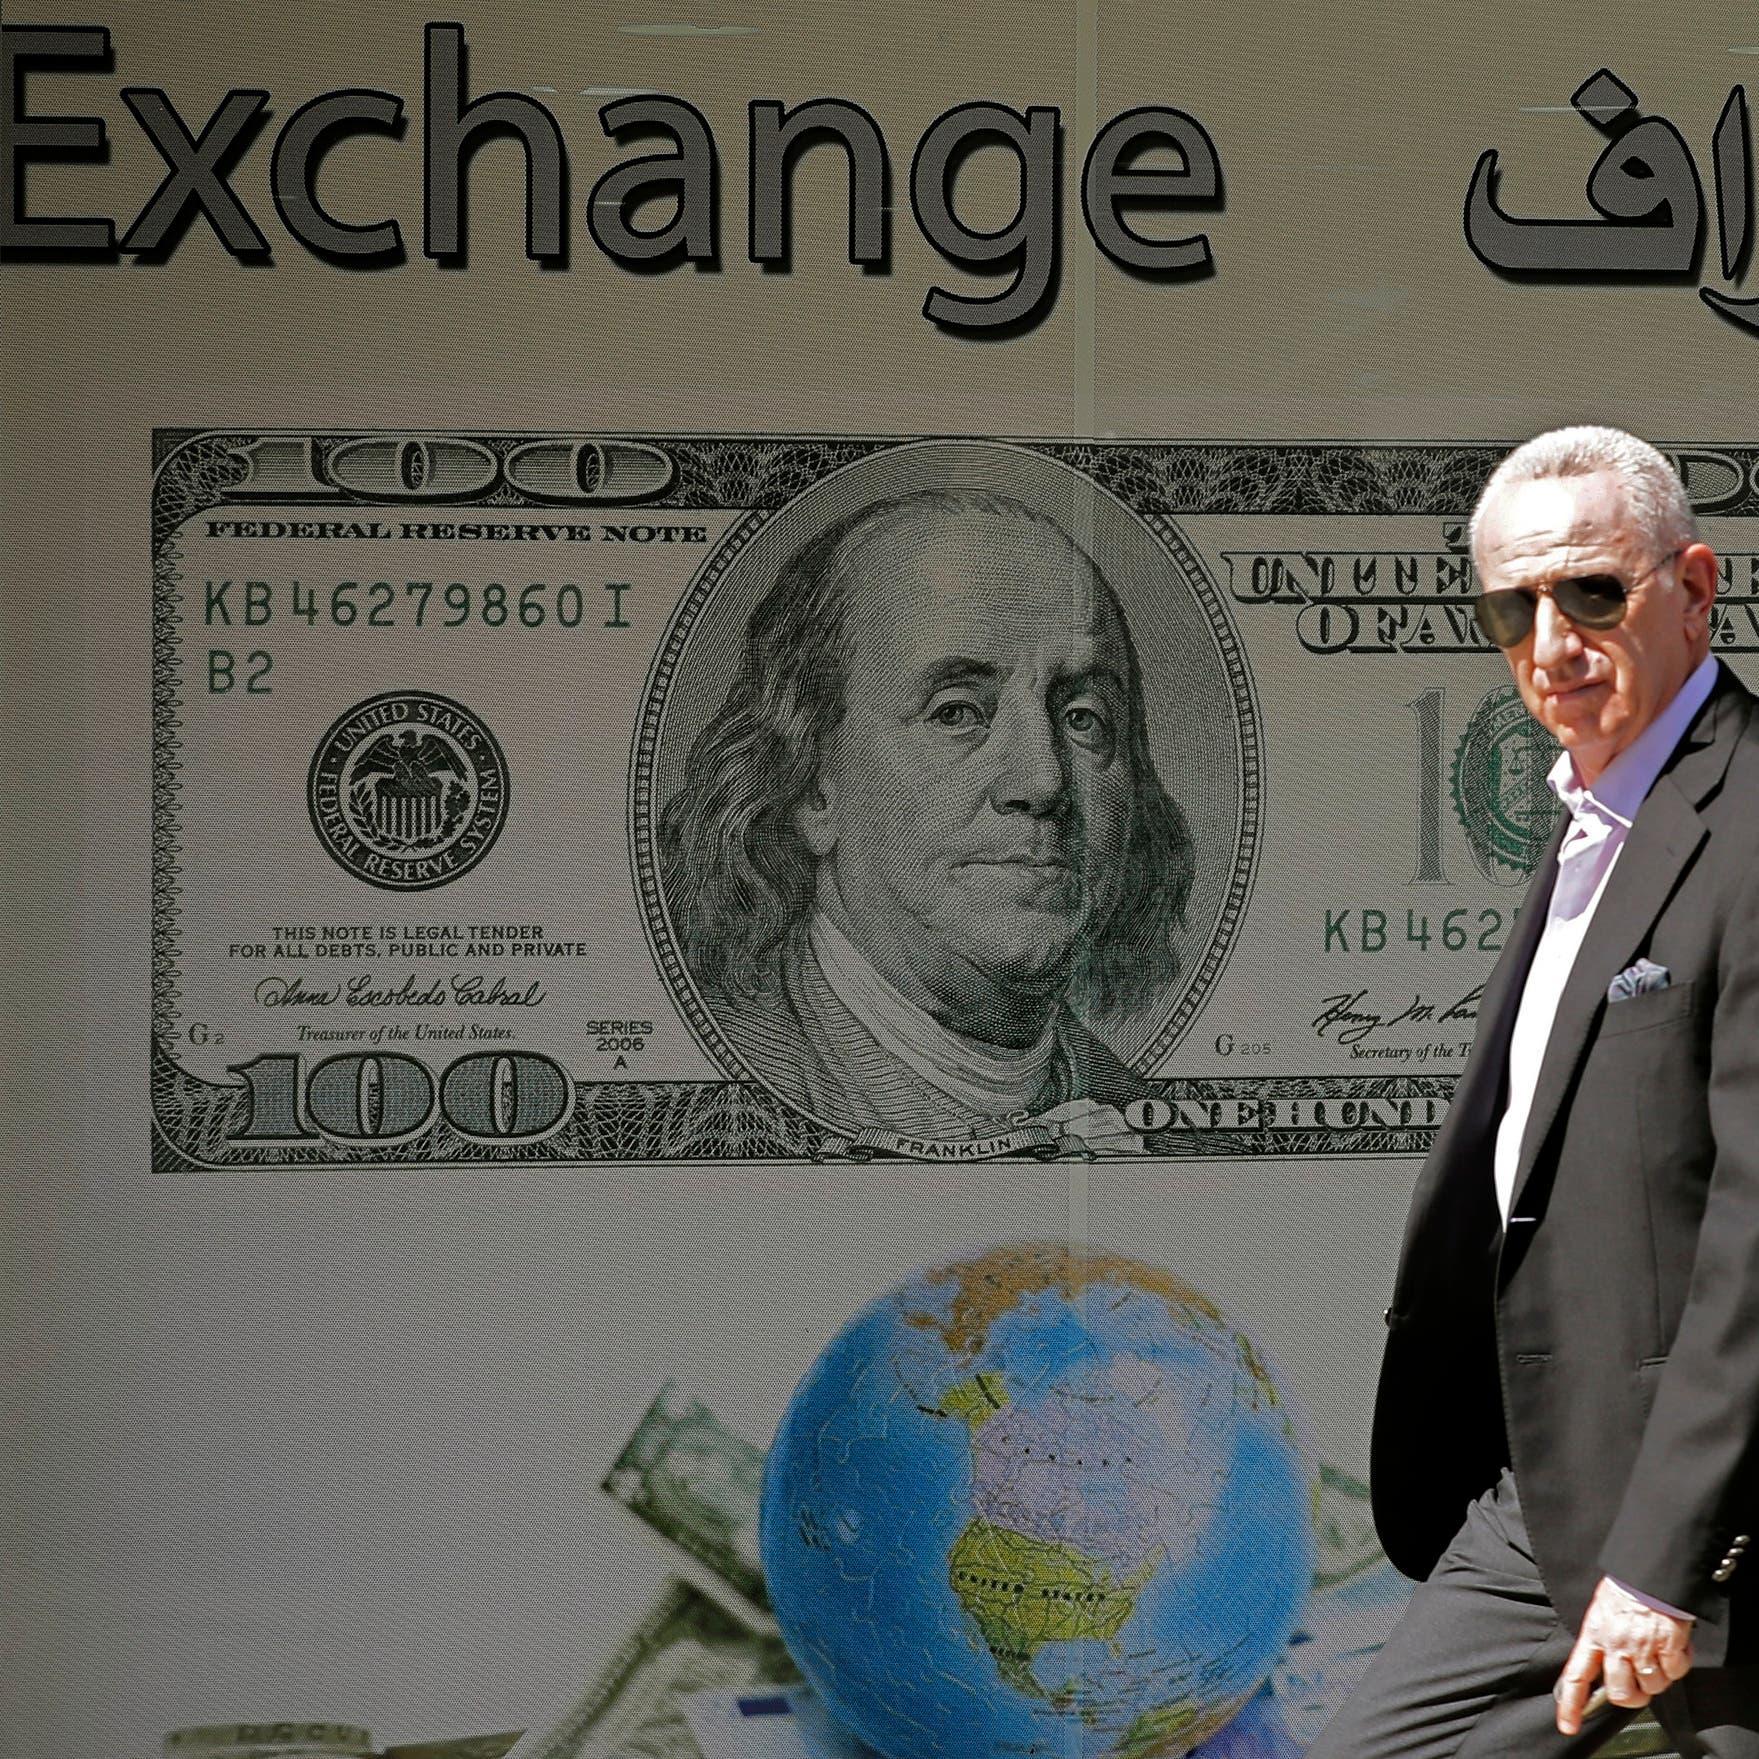 أوكار تتحكم بدولارات اللبنانيين... سوق ظل وأرباح طائلة